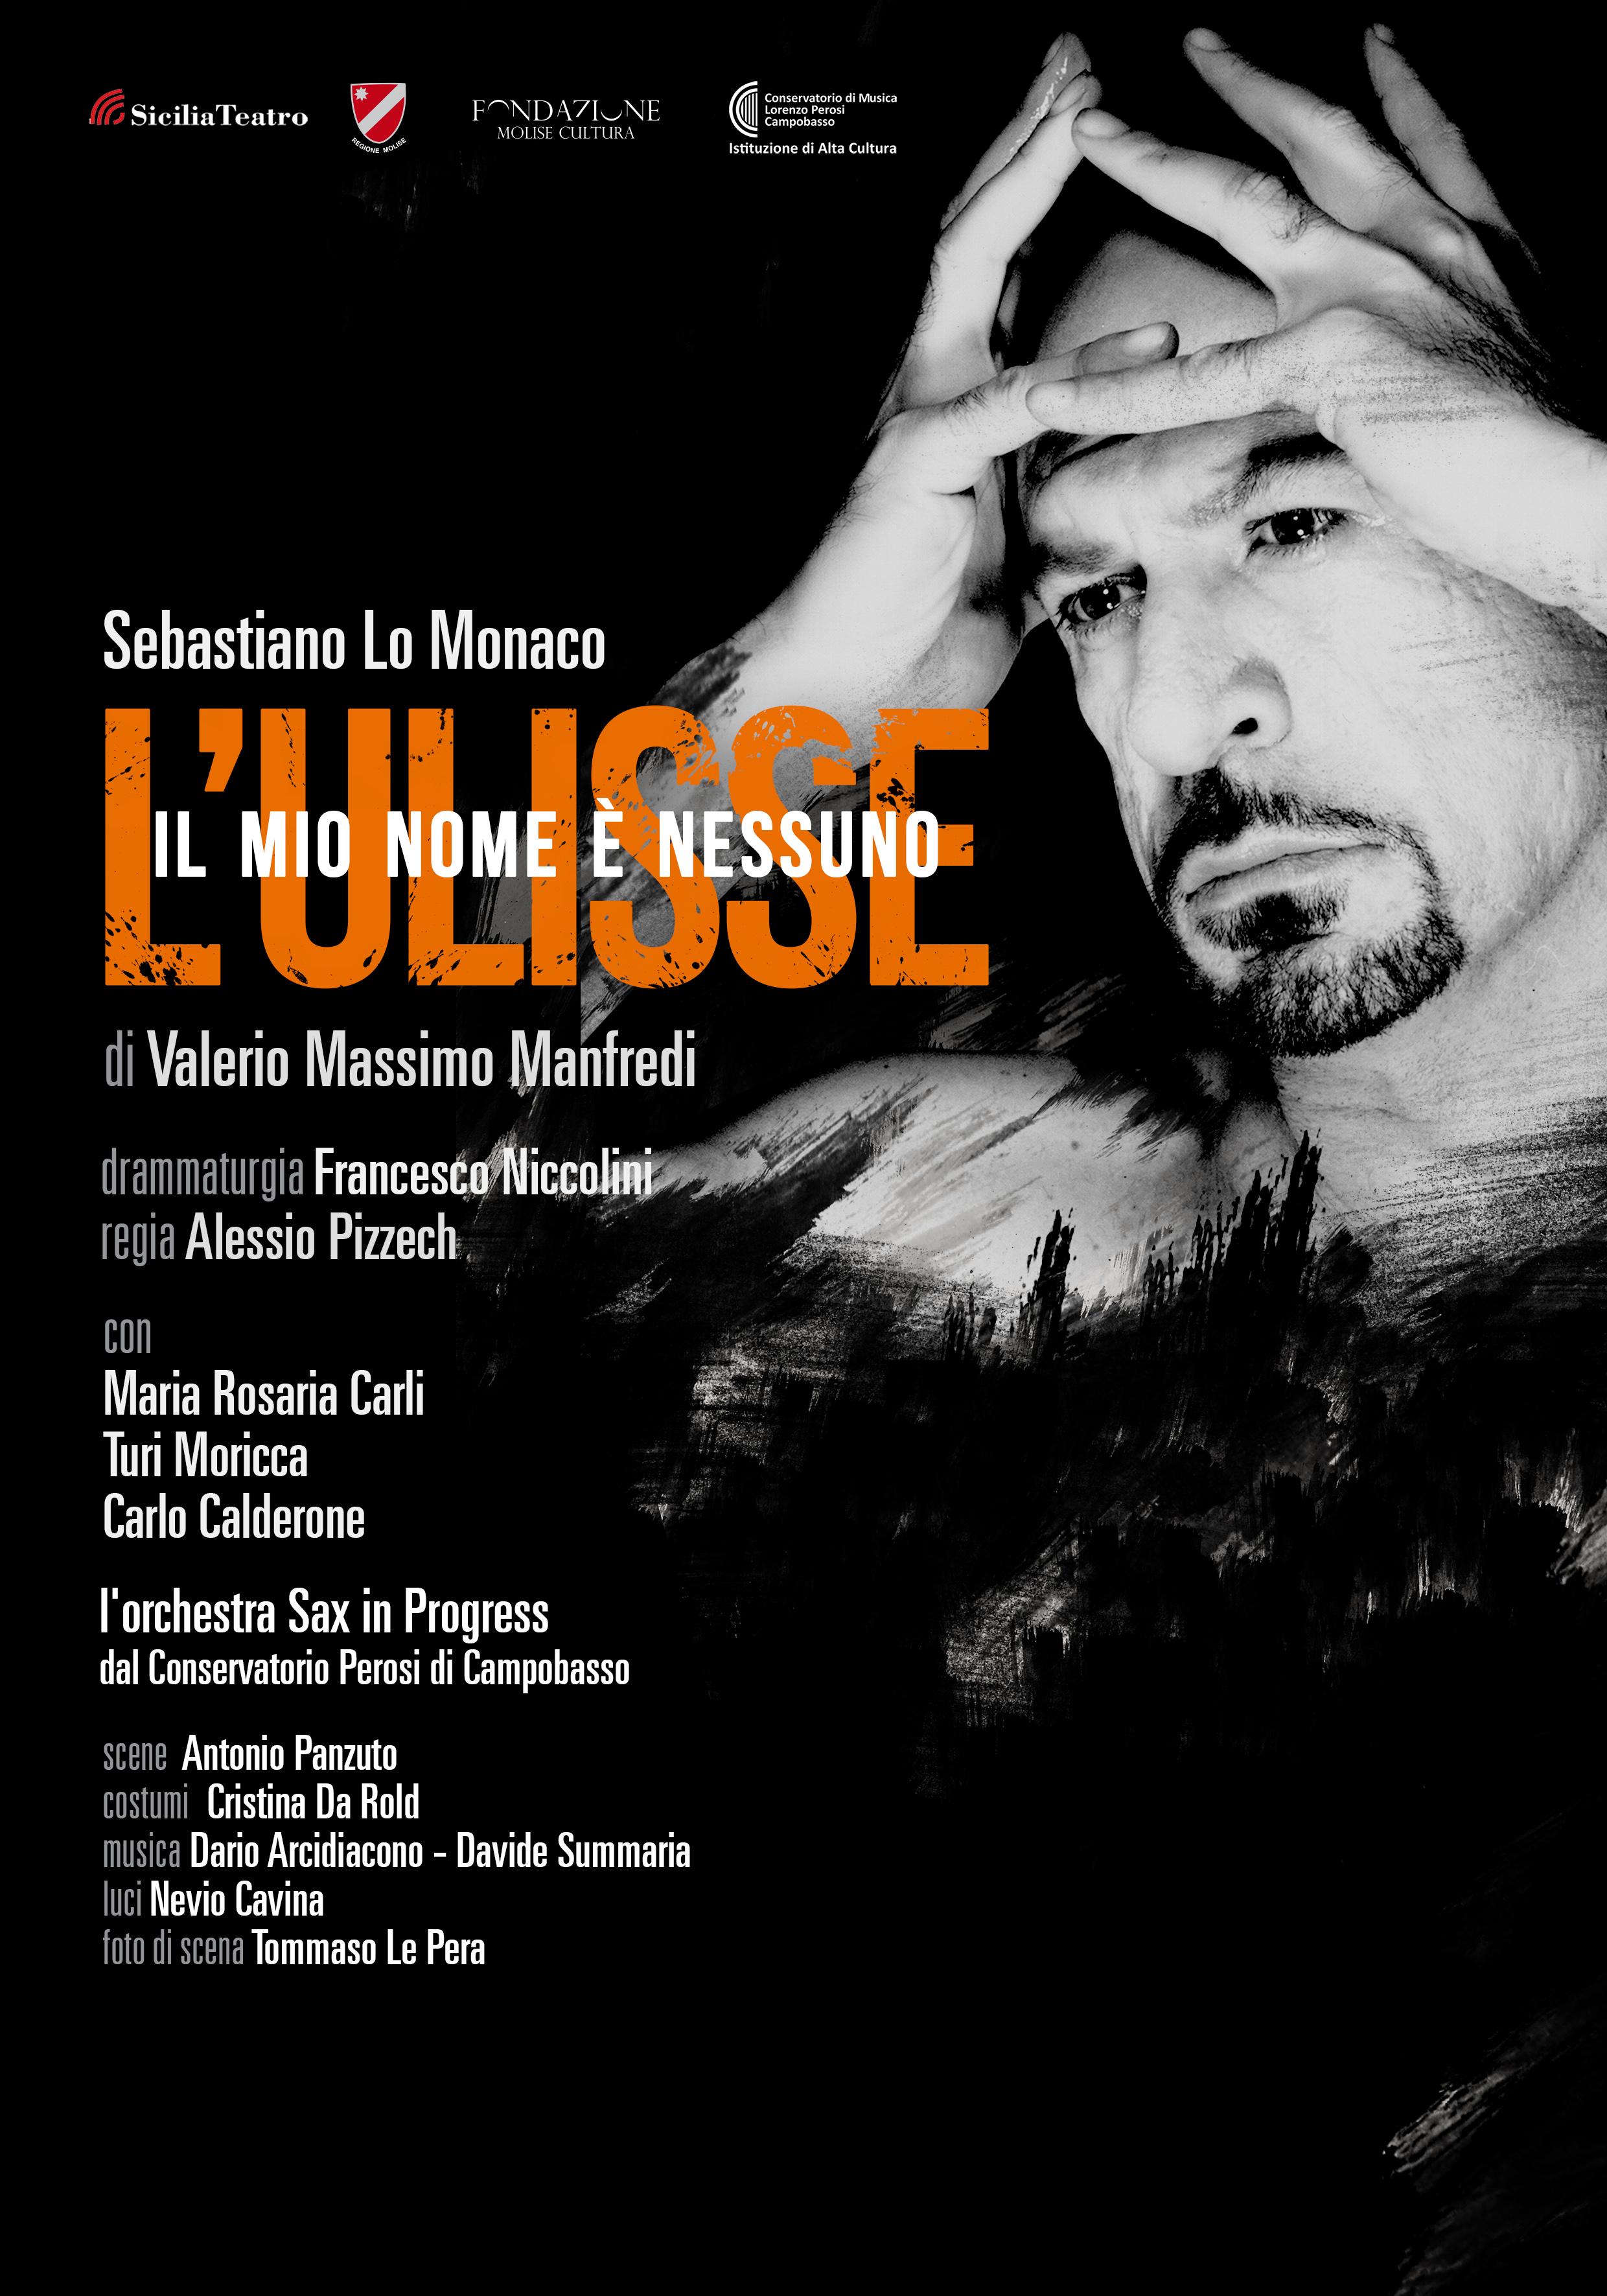 """Teatro: """"Il mio nome è nessuno. L'Ulisse"""" a L'Aquila"""